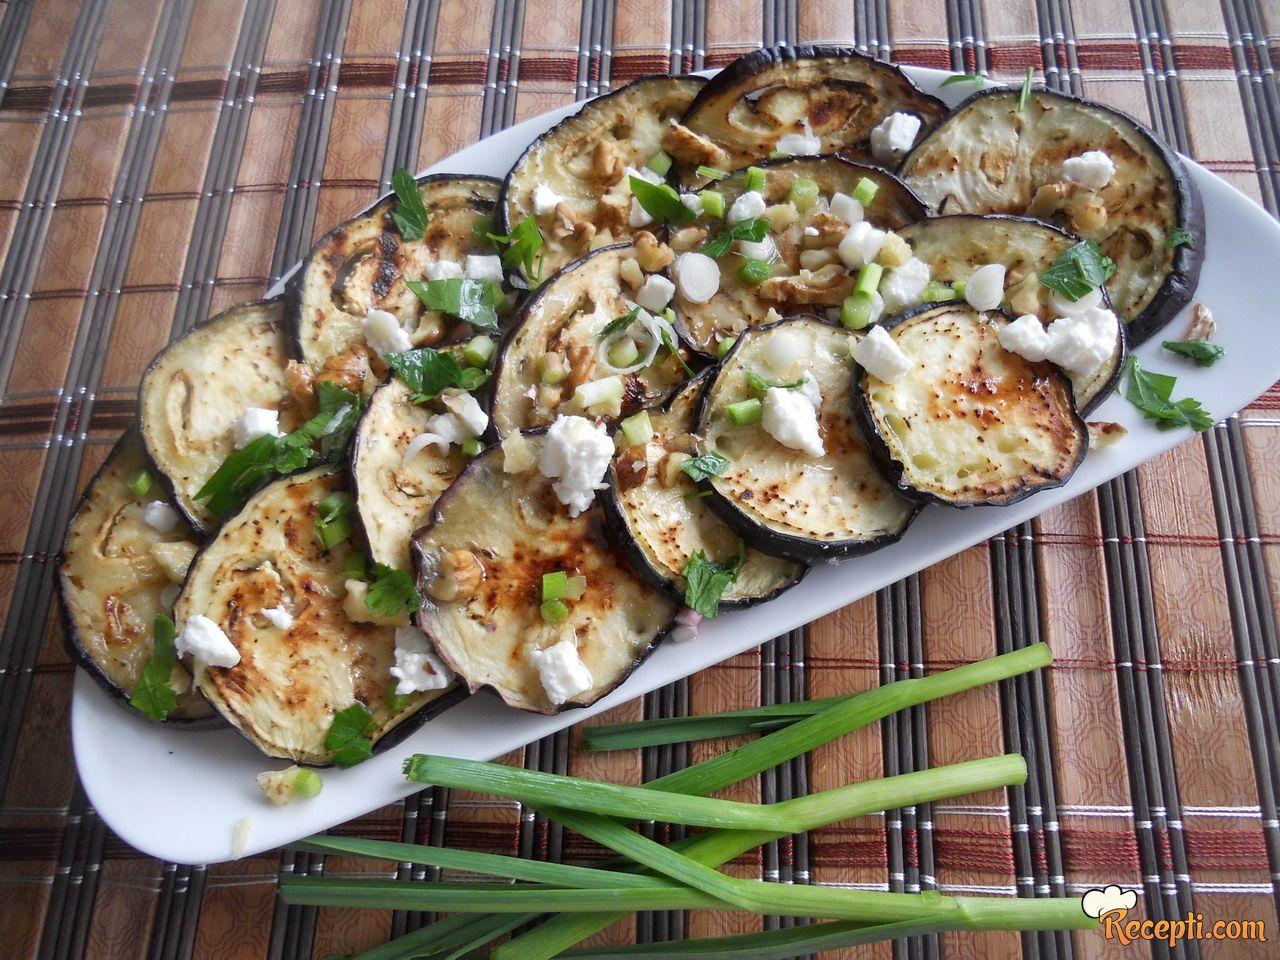 Patlidžan salata